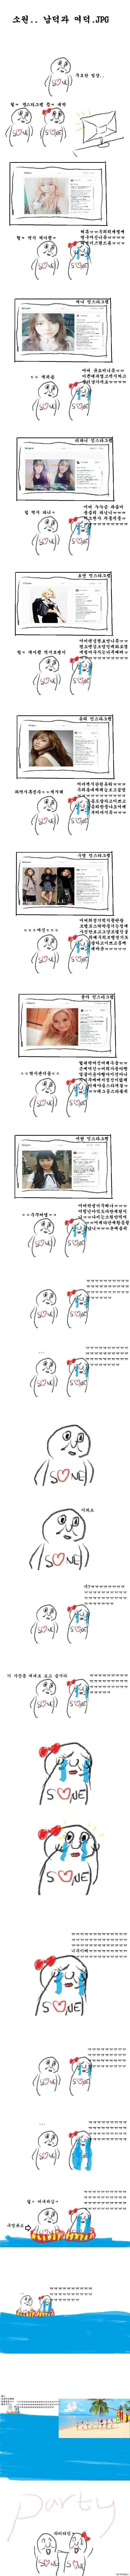 소녀시대로 보는 남팬과 여팬의 차이.jpgee